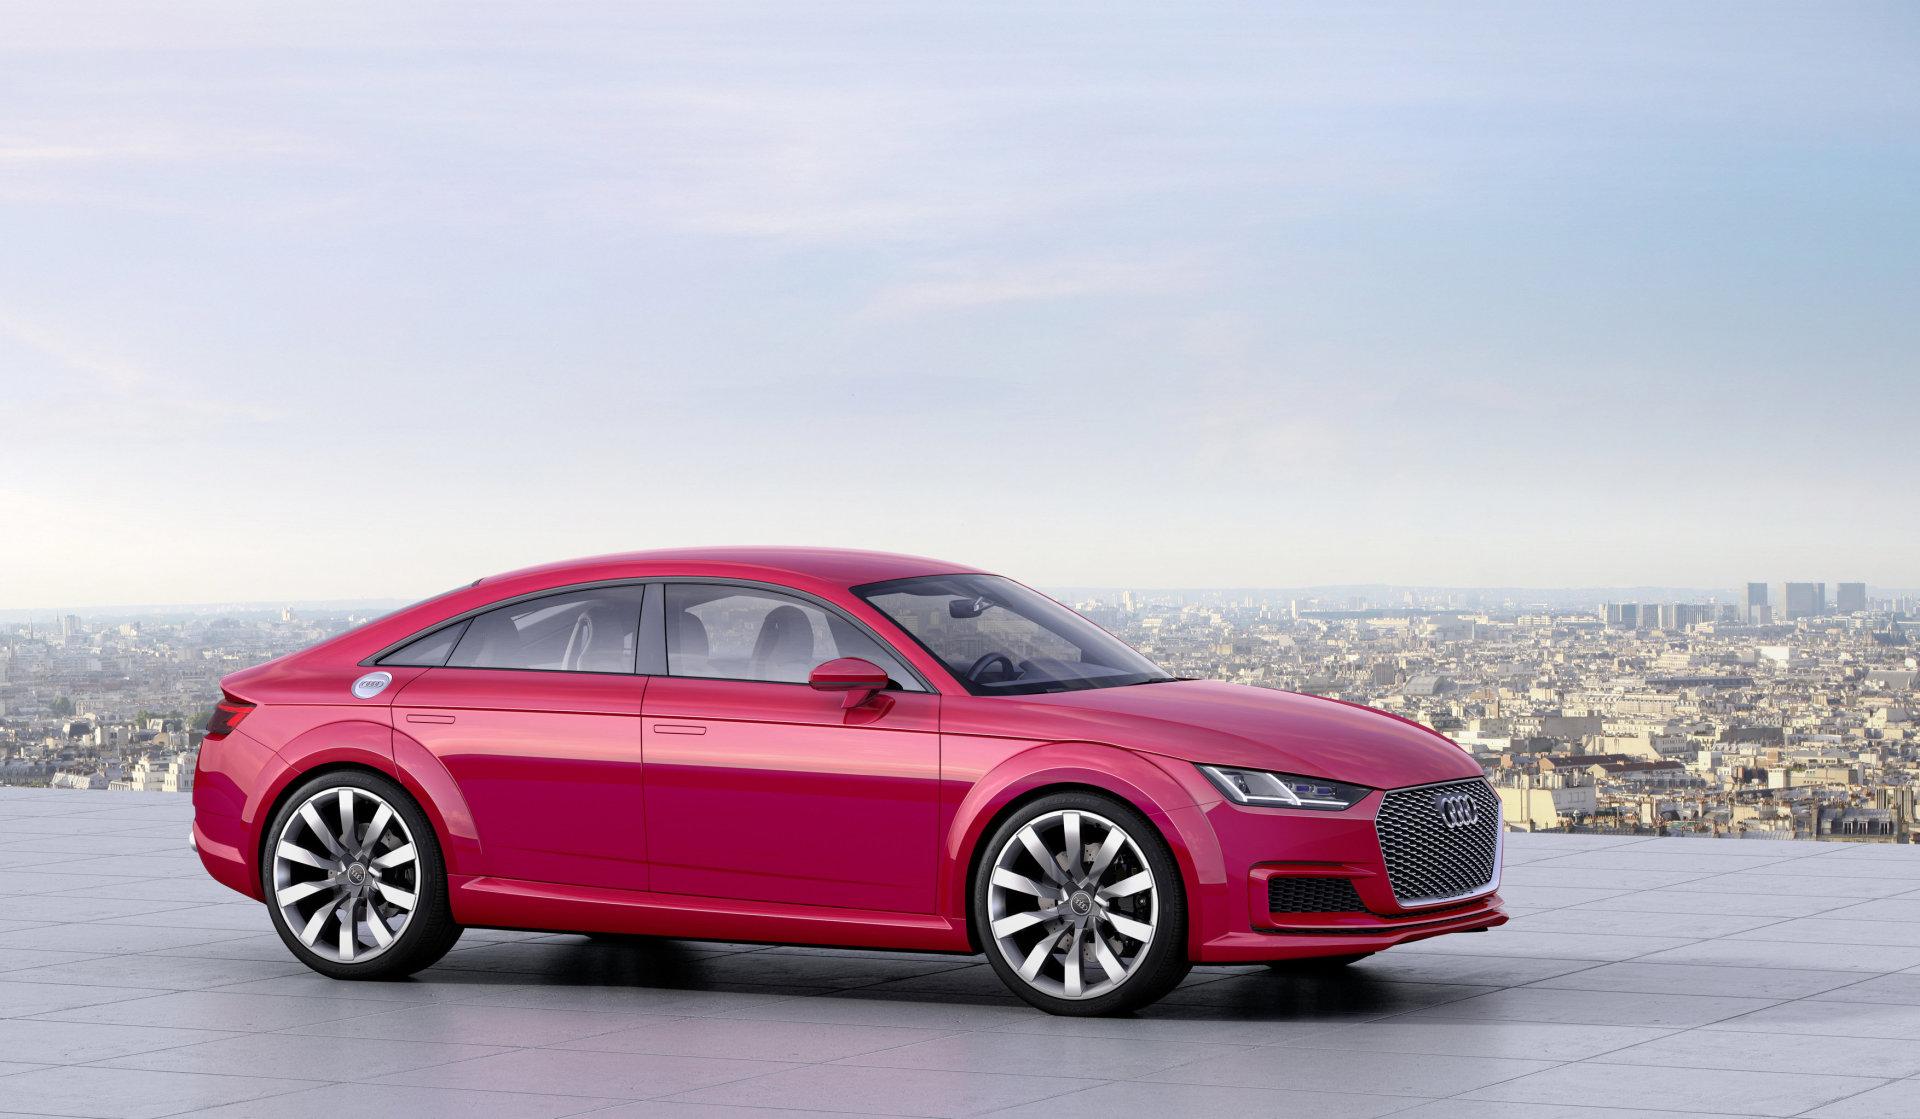 Próxima geração do Audi TT terá versão de quatro portas